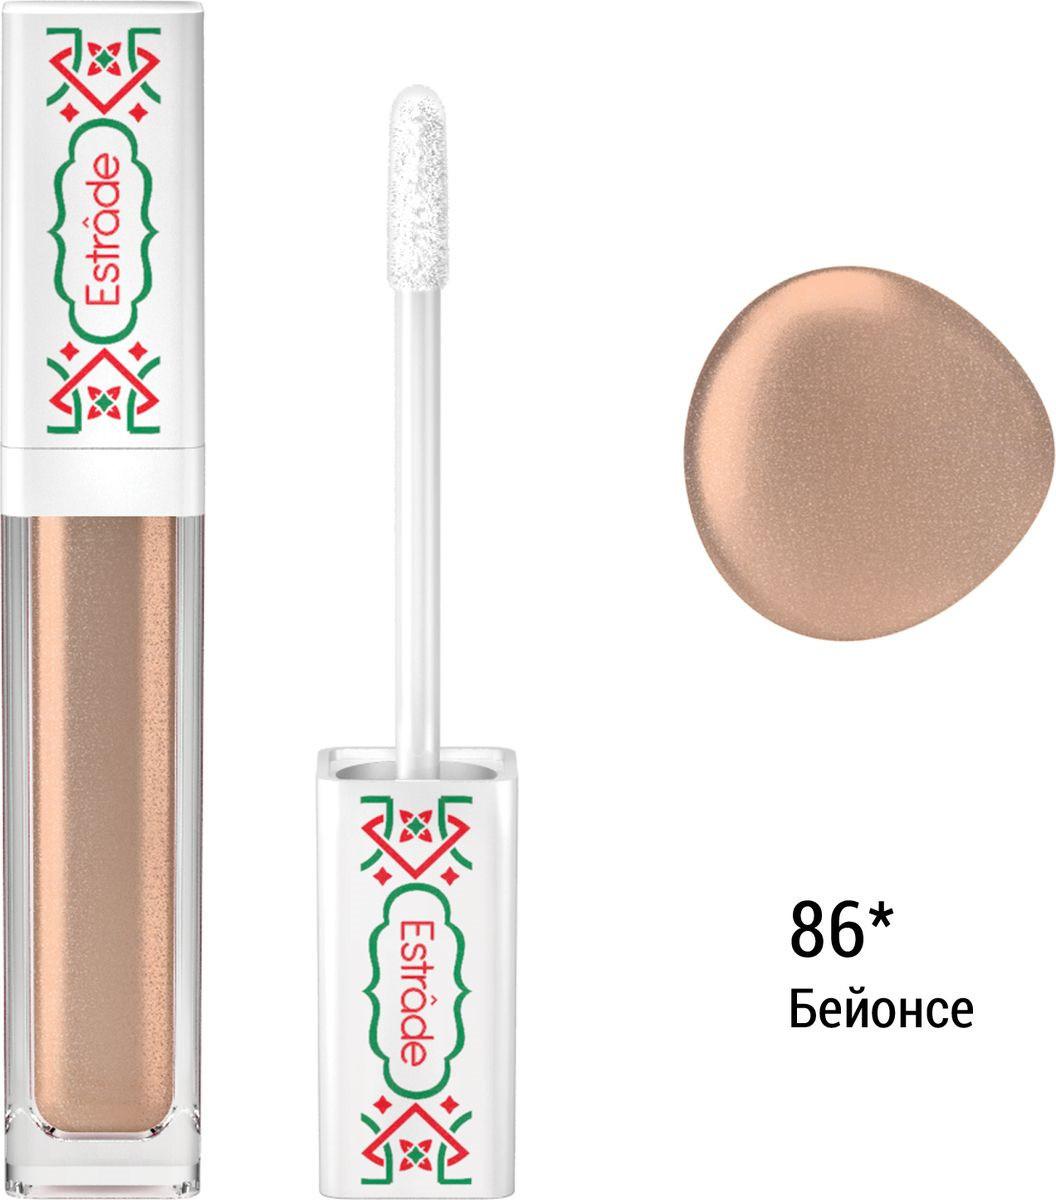 Estrade Gel Eclatant Disco Жидкие тени для век  - 86 Бейонсе